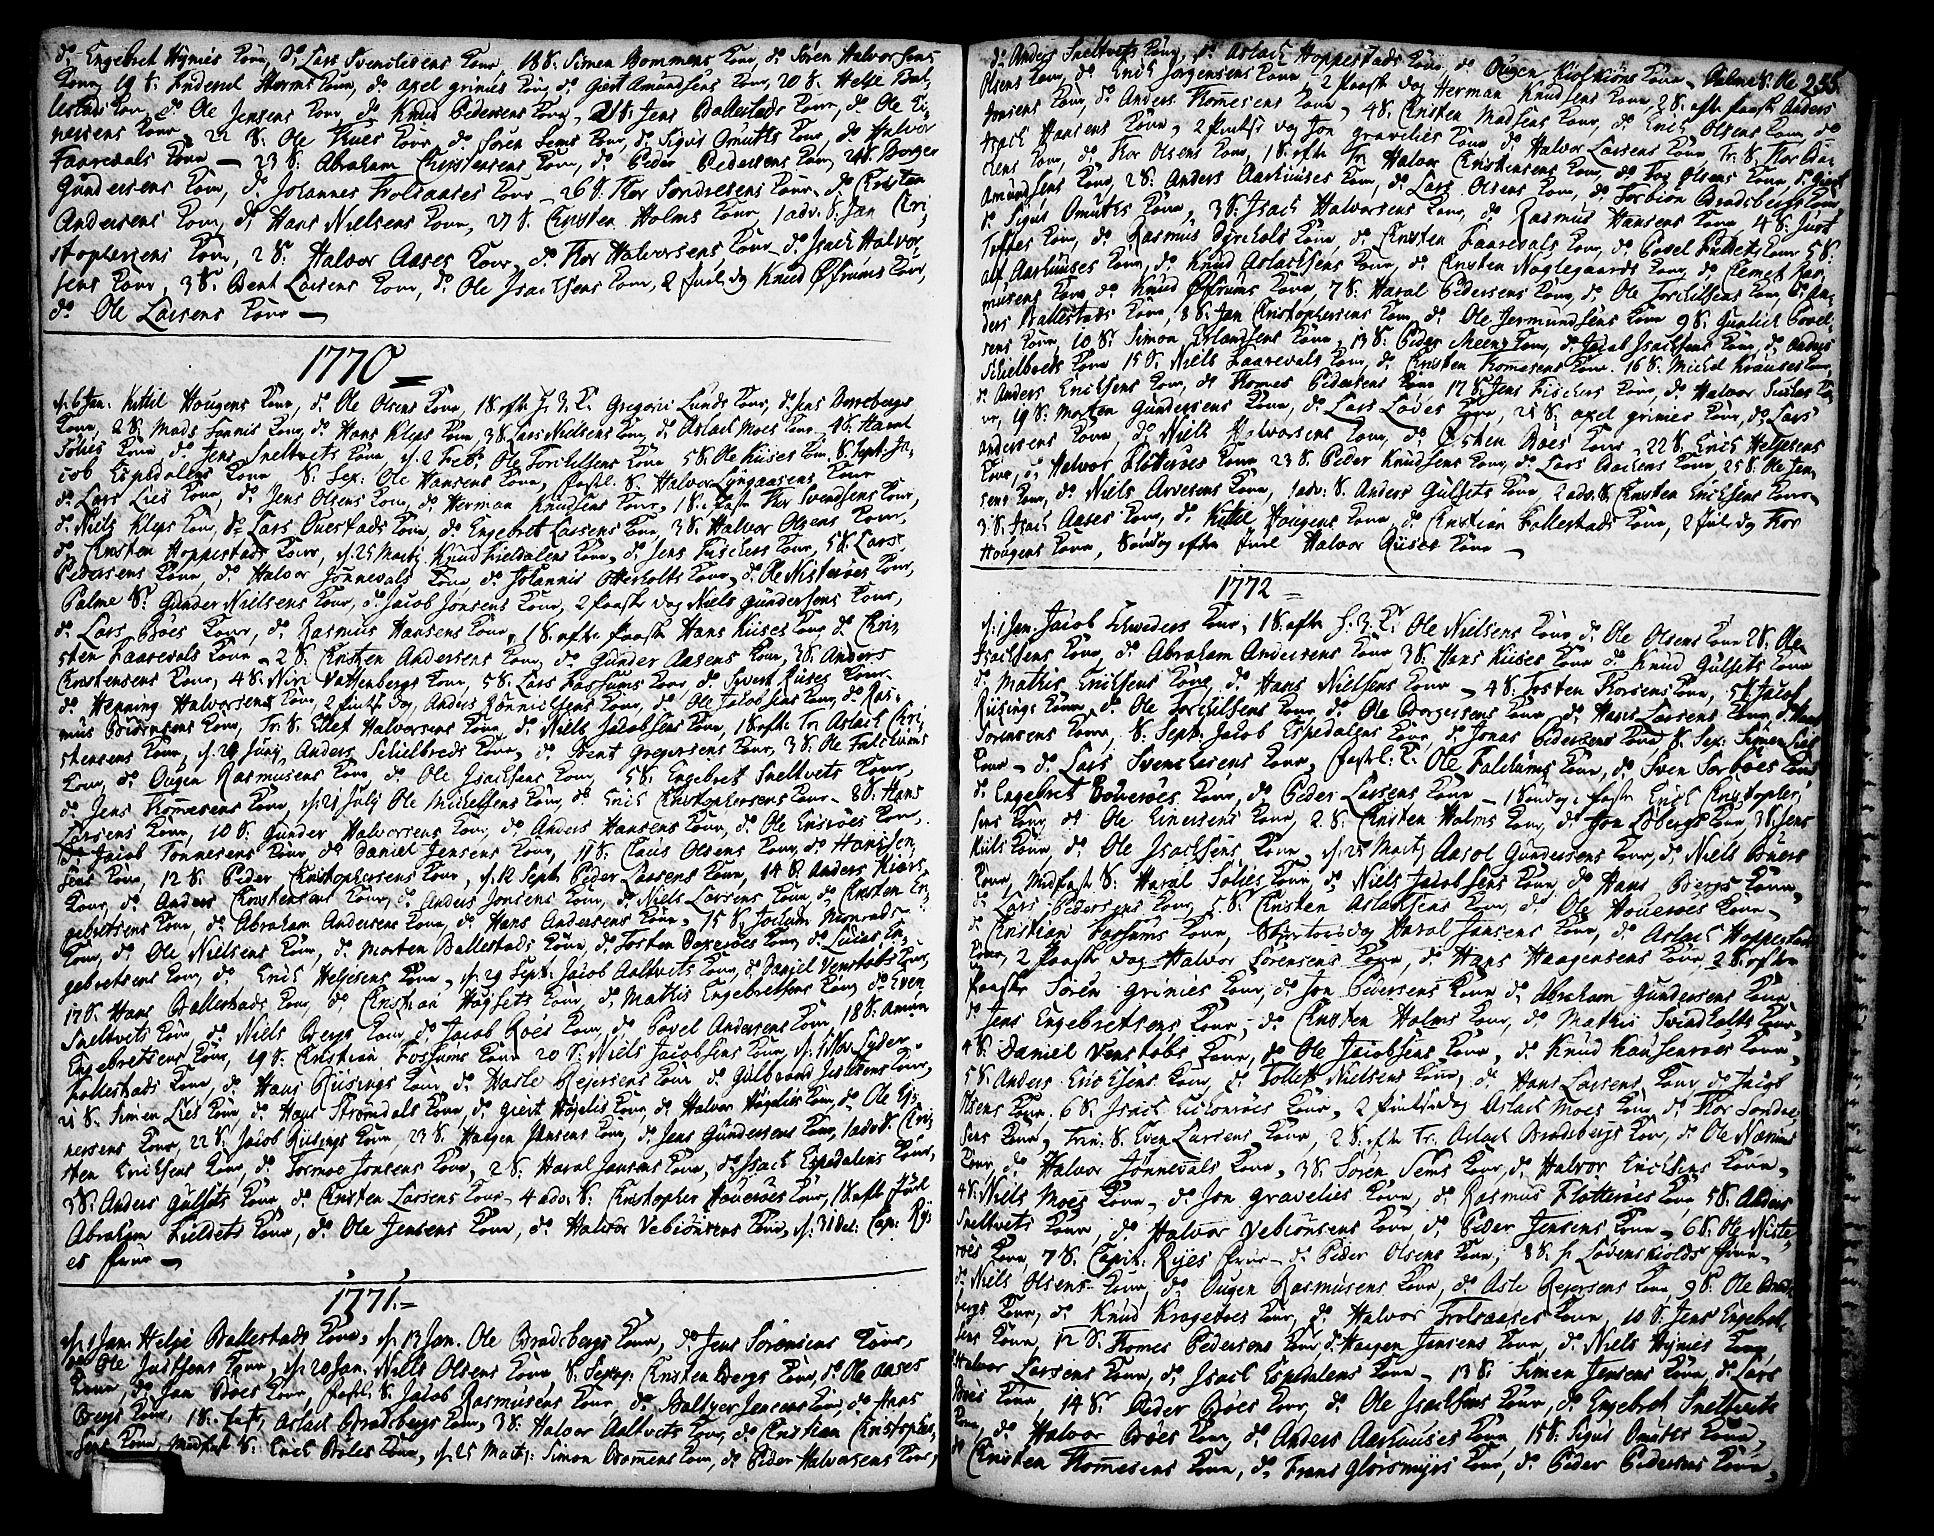 SAKO, Gjerpen kirkebøker, F/Fa/L0002: Ministerialbok nr. 2, 1747-1795, s. 255